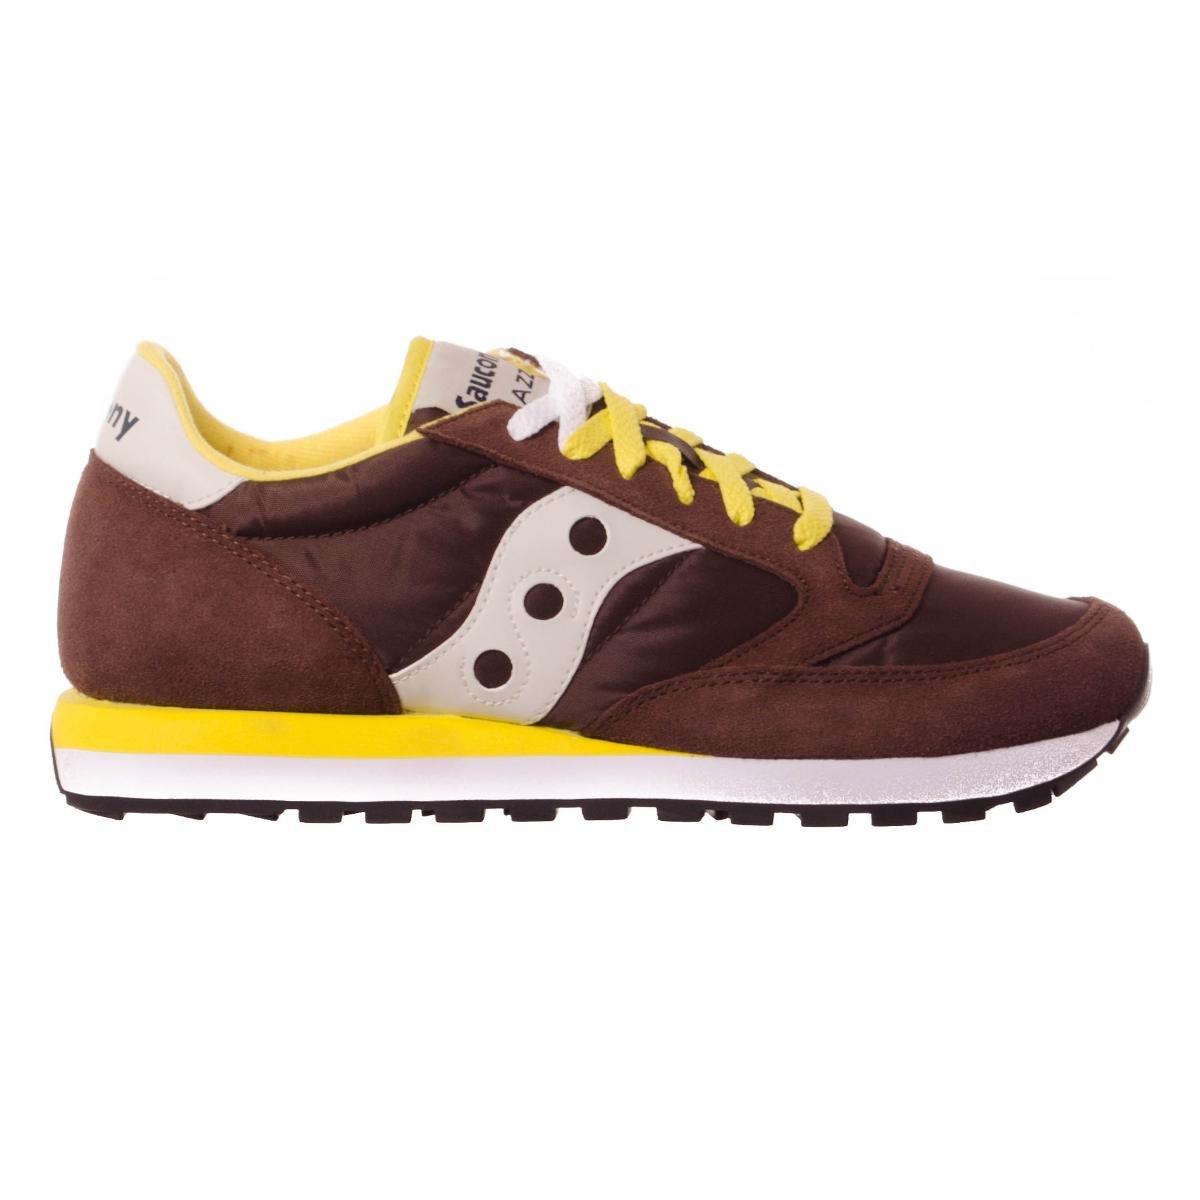 marrón-amarillo Saucony Jazz Original, Hauszapatos de Cross para Hombre